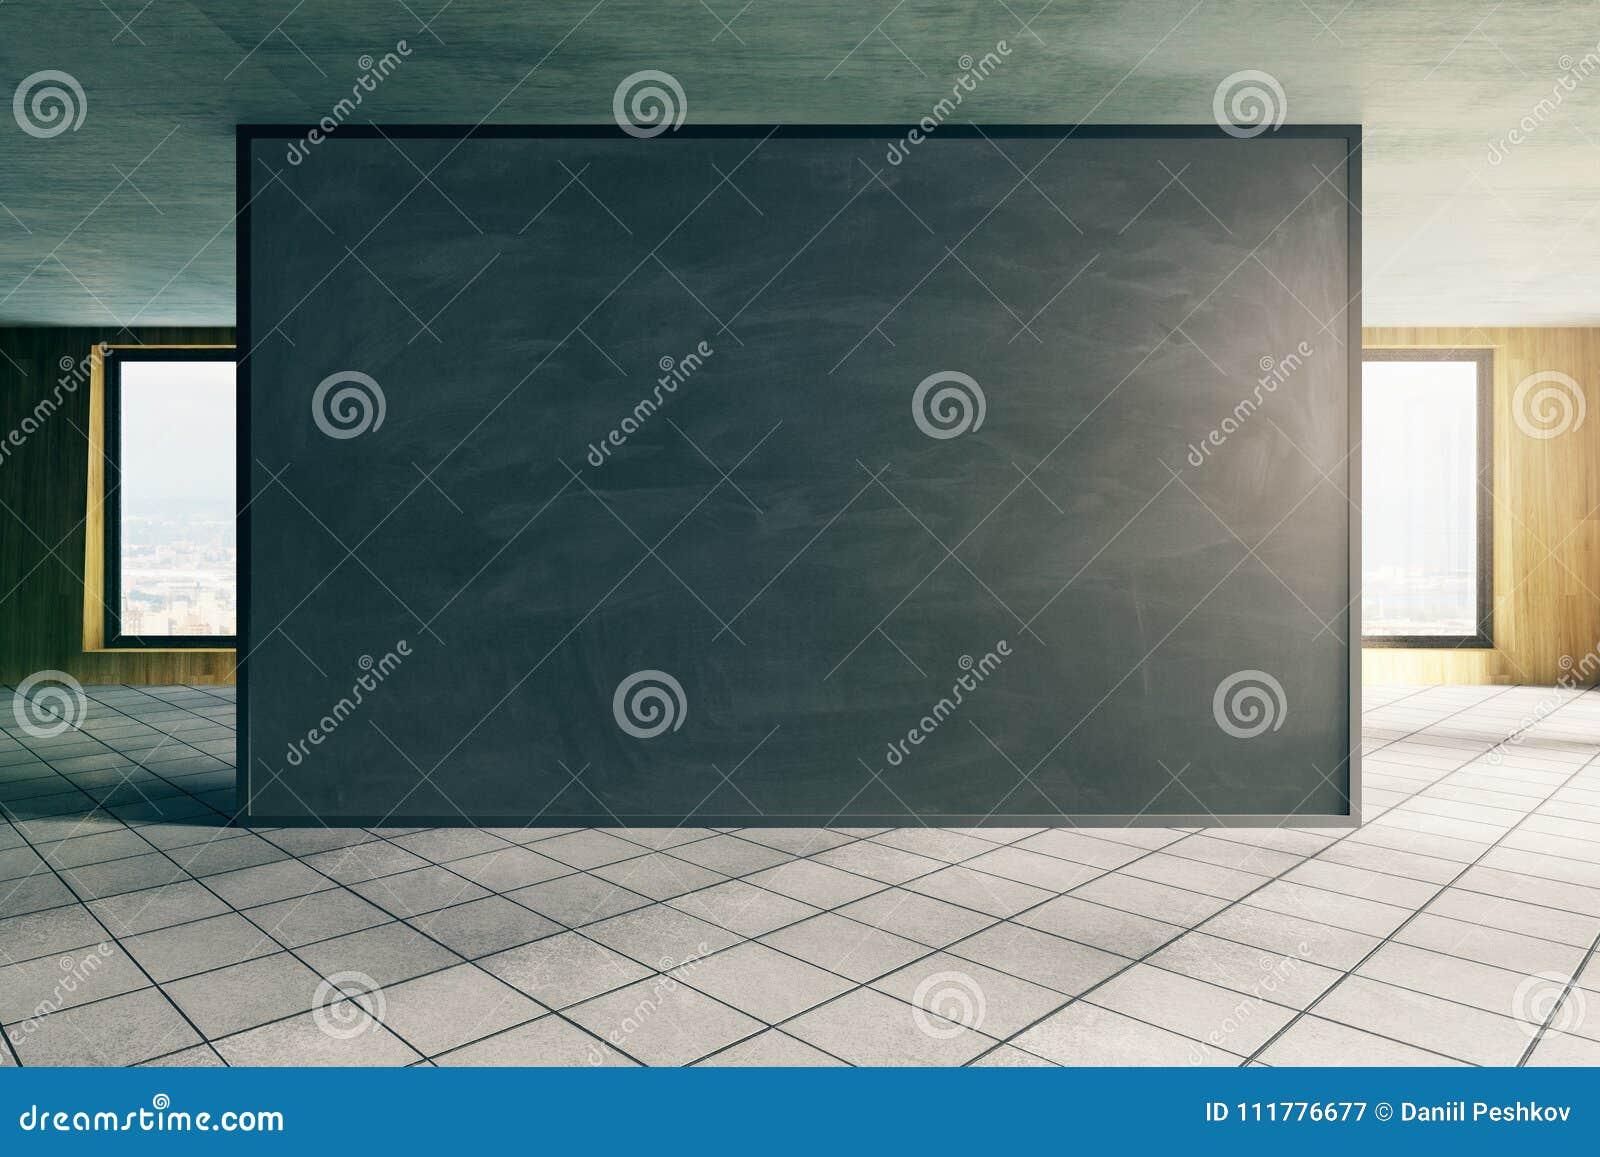 Modern office with empty blackboard